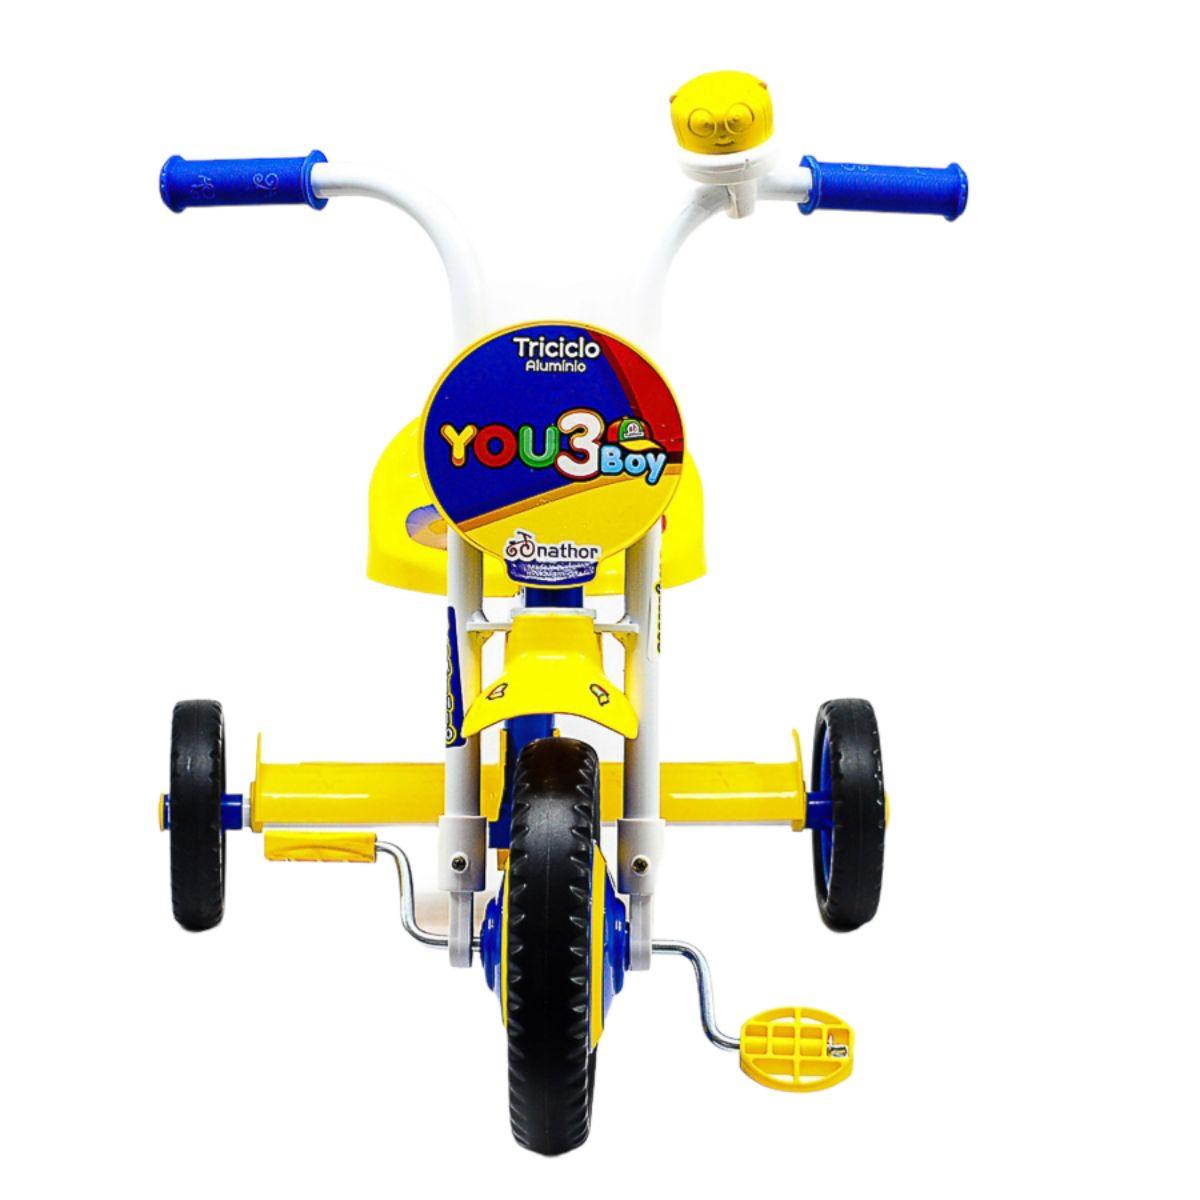 Triciclo You 3 Boy Azul